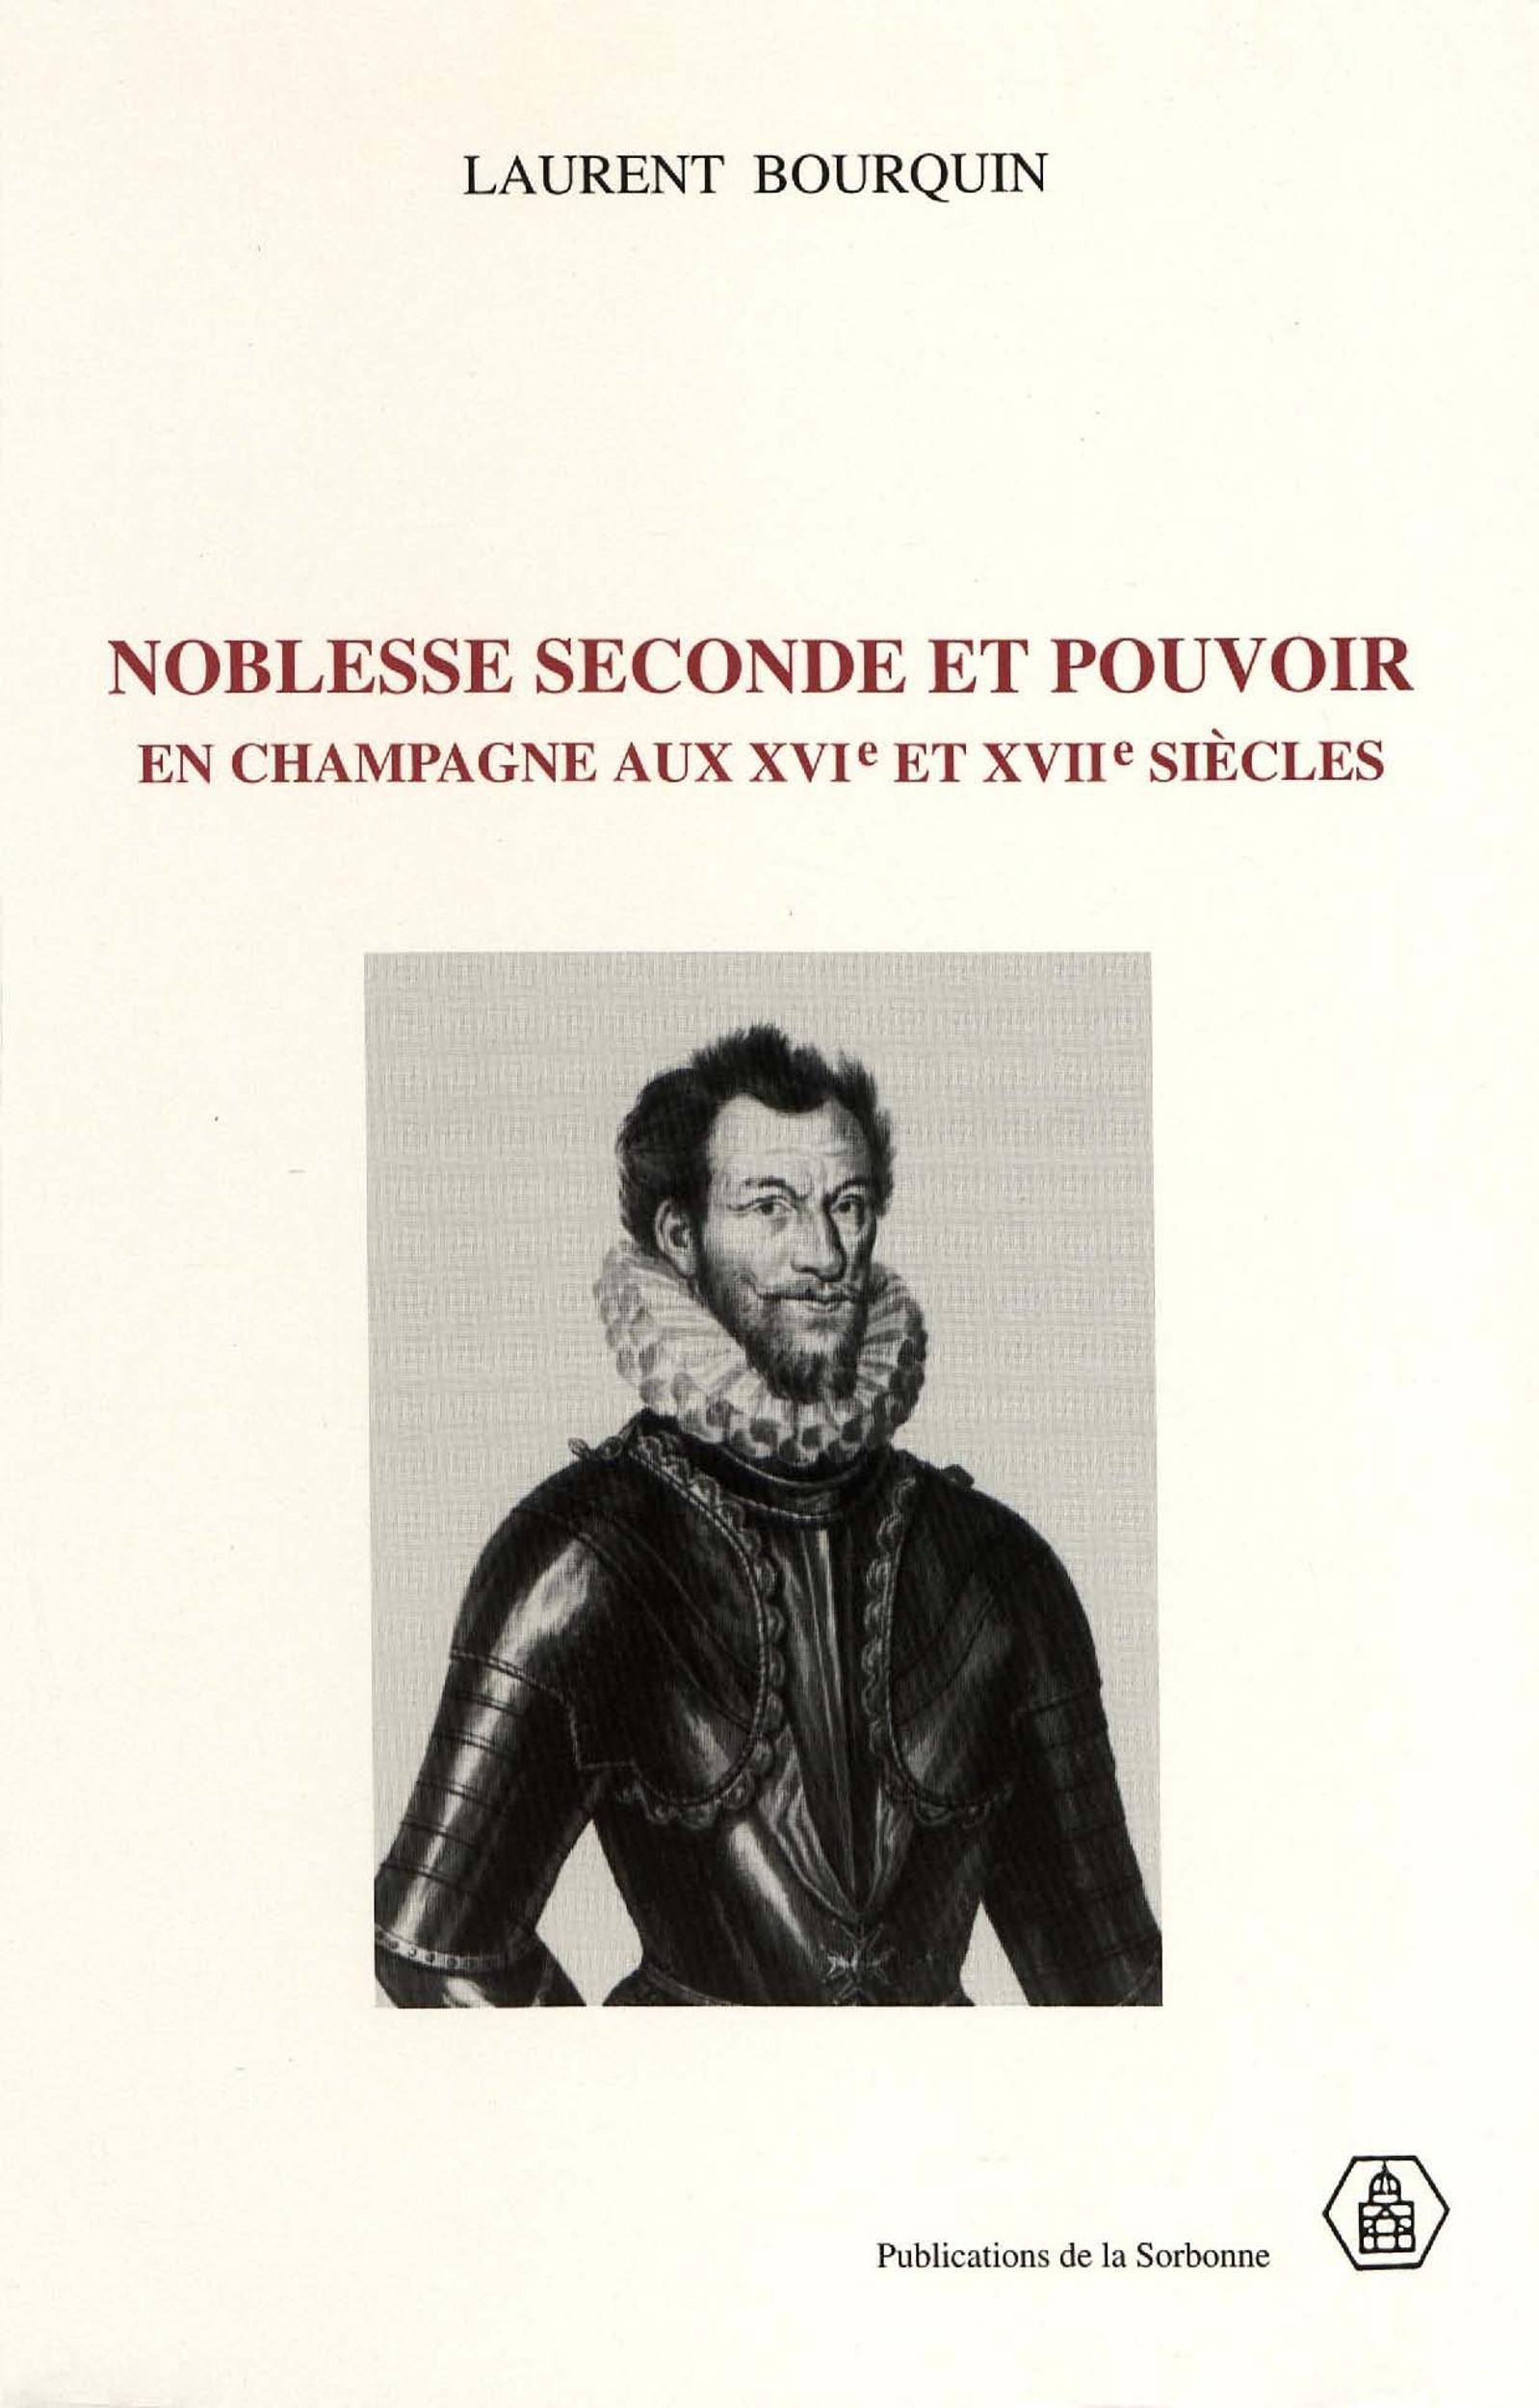 Noblesse seconde et pouvoir en champagne aux xvie et xviie siecles